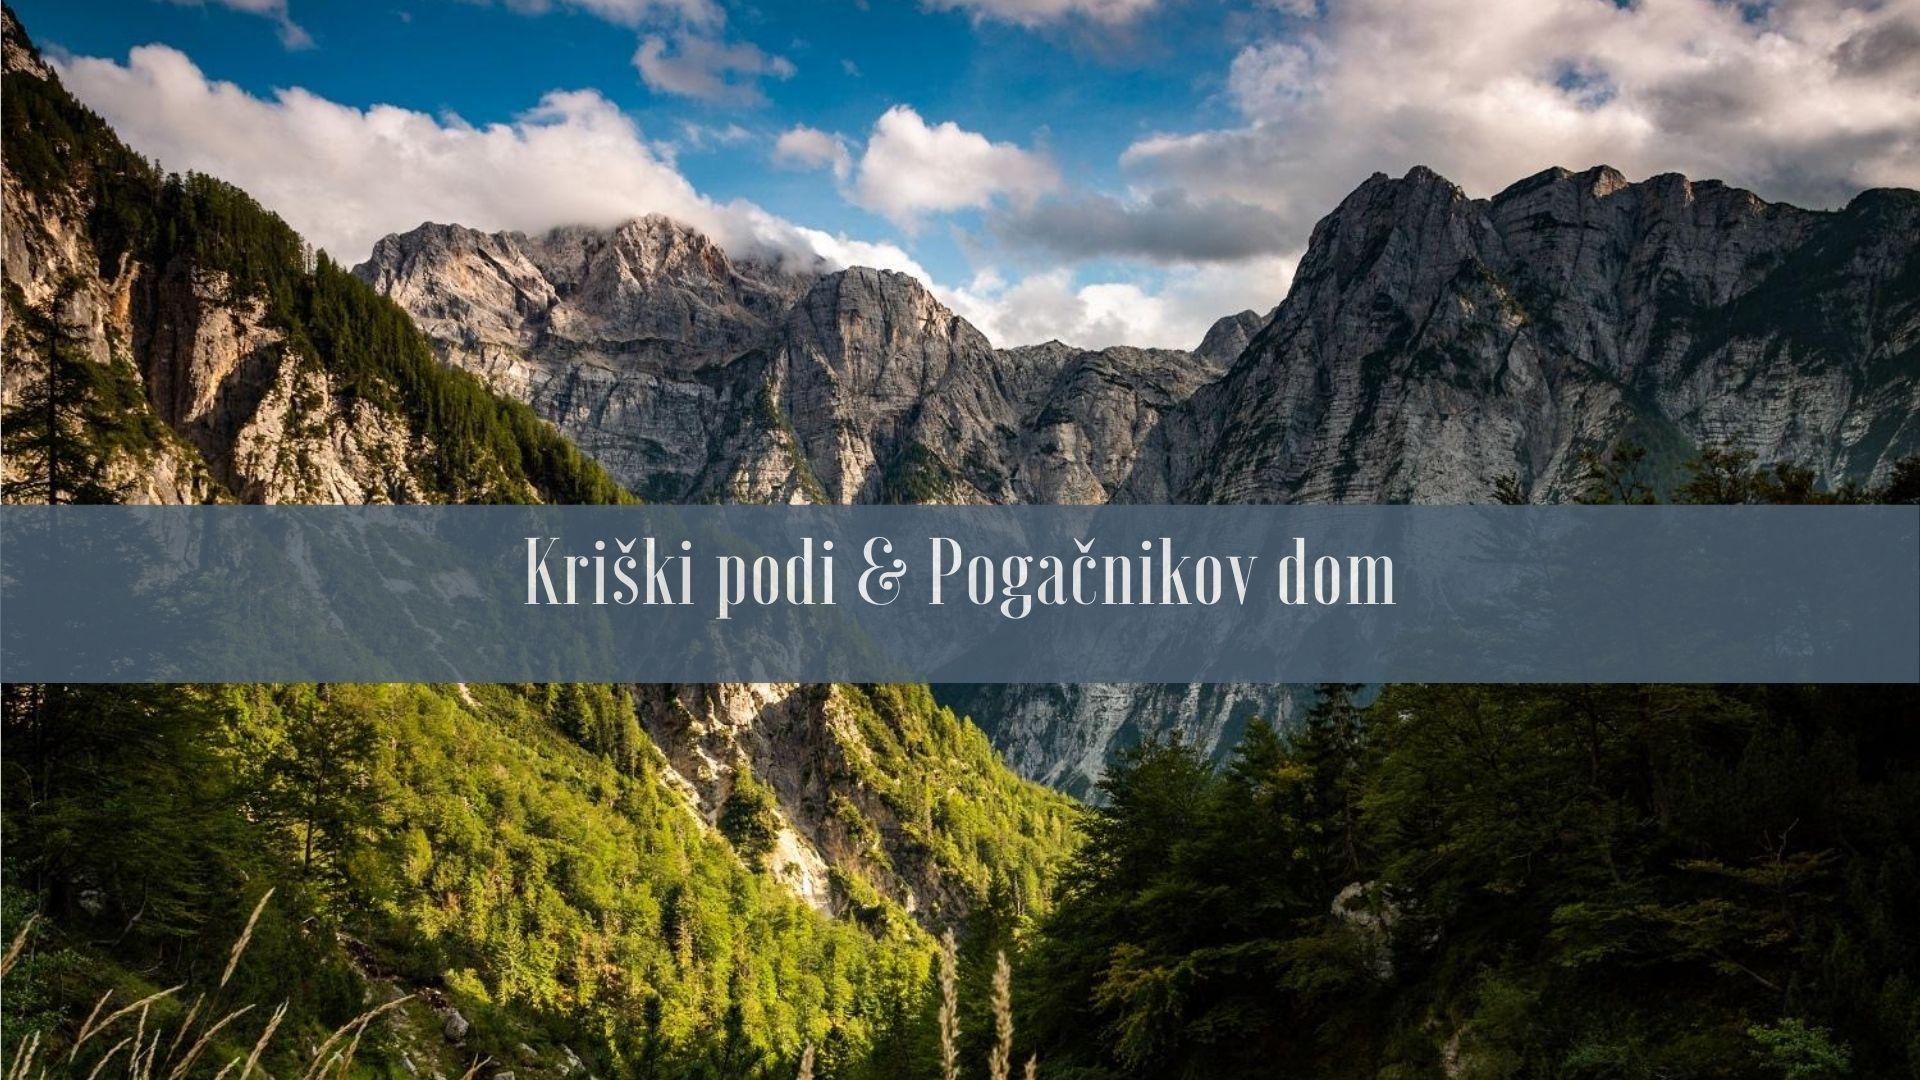 Szlak na Kriški podi & Pogačnikov dom - Alpy Julijskie